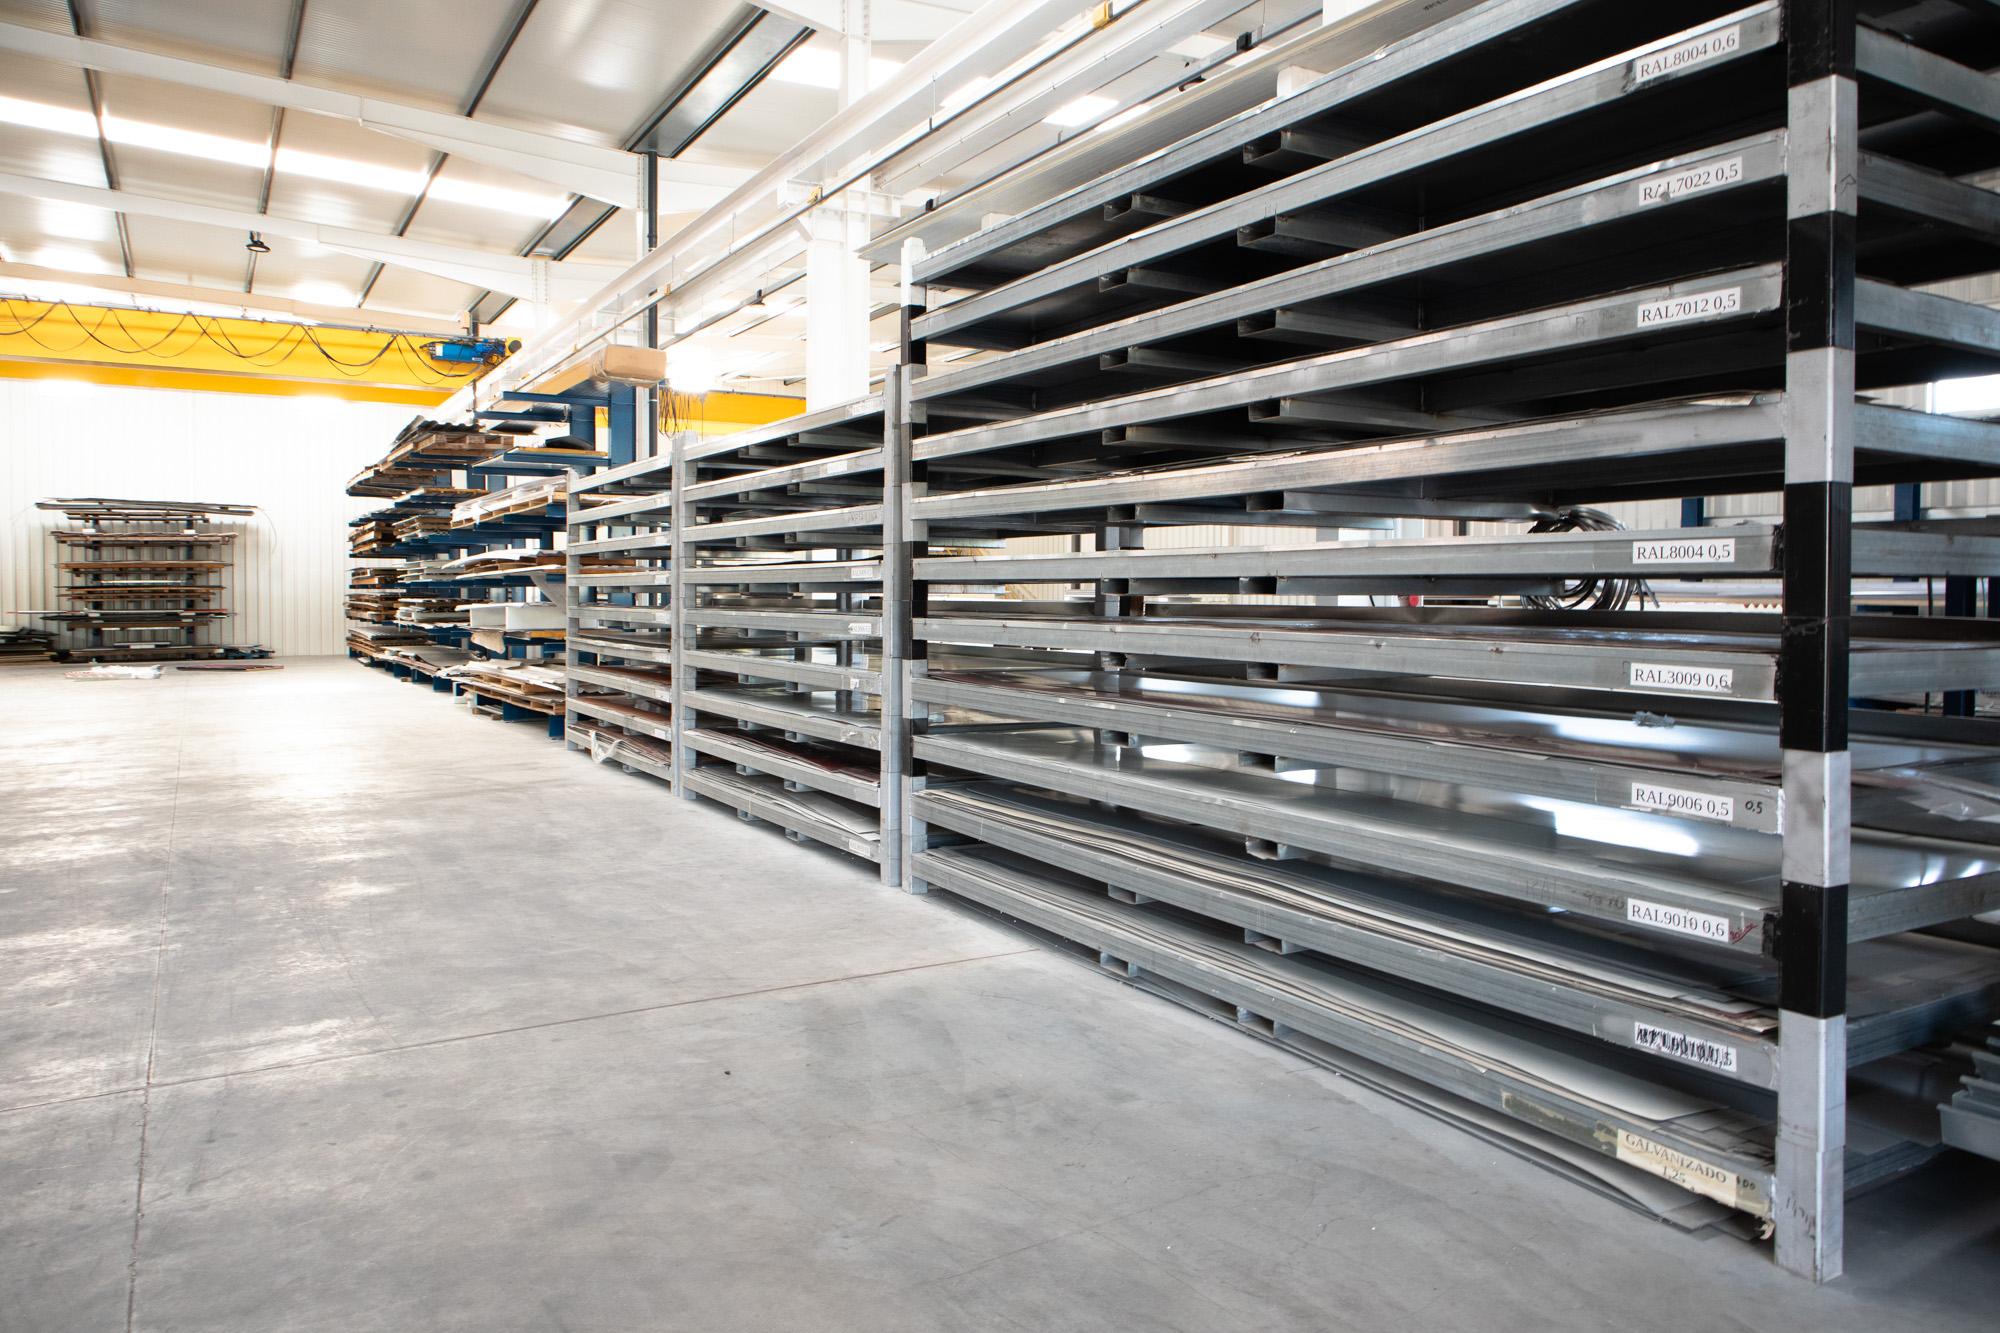 Somos uma referência nacional na comercialização de chapas e perfis metálicos